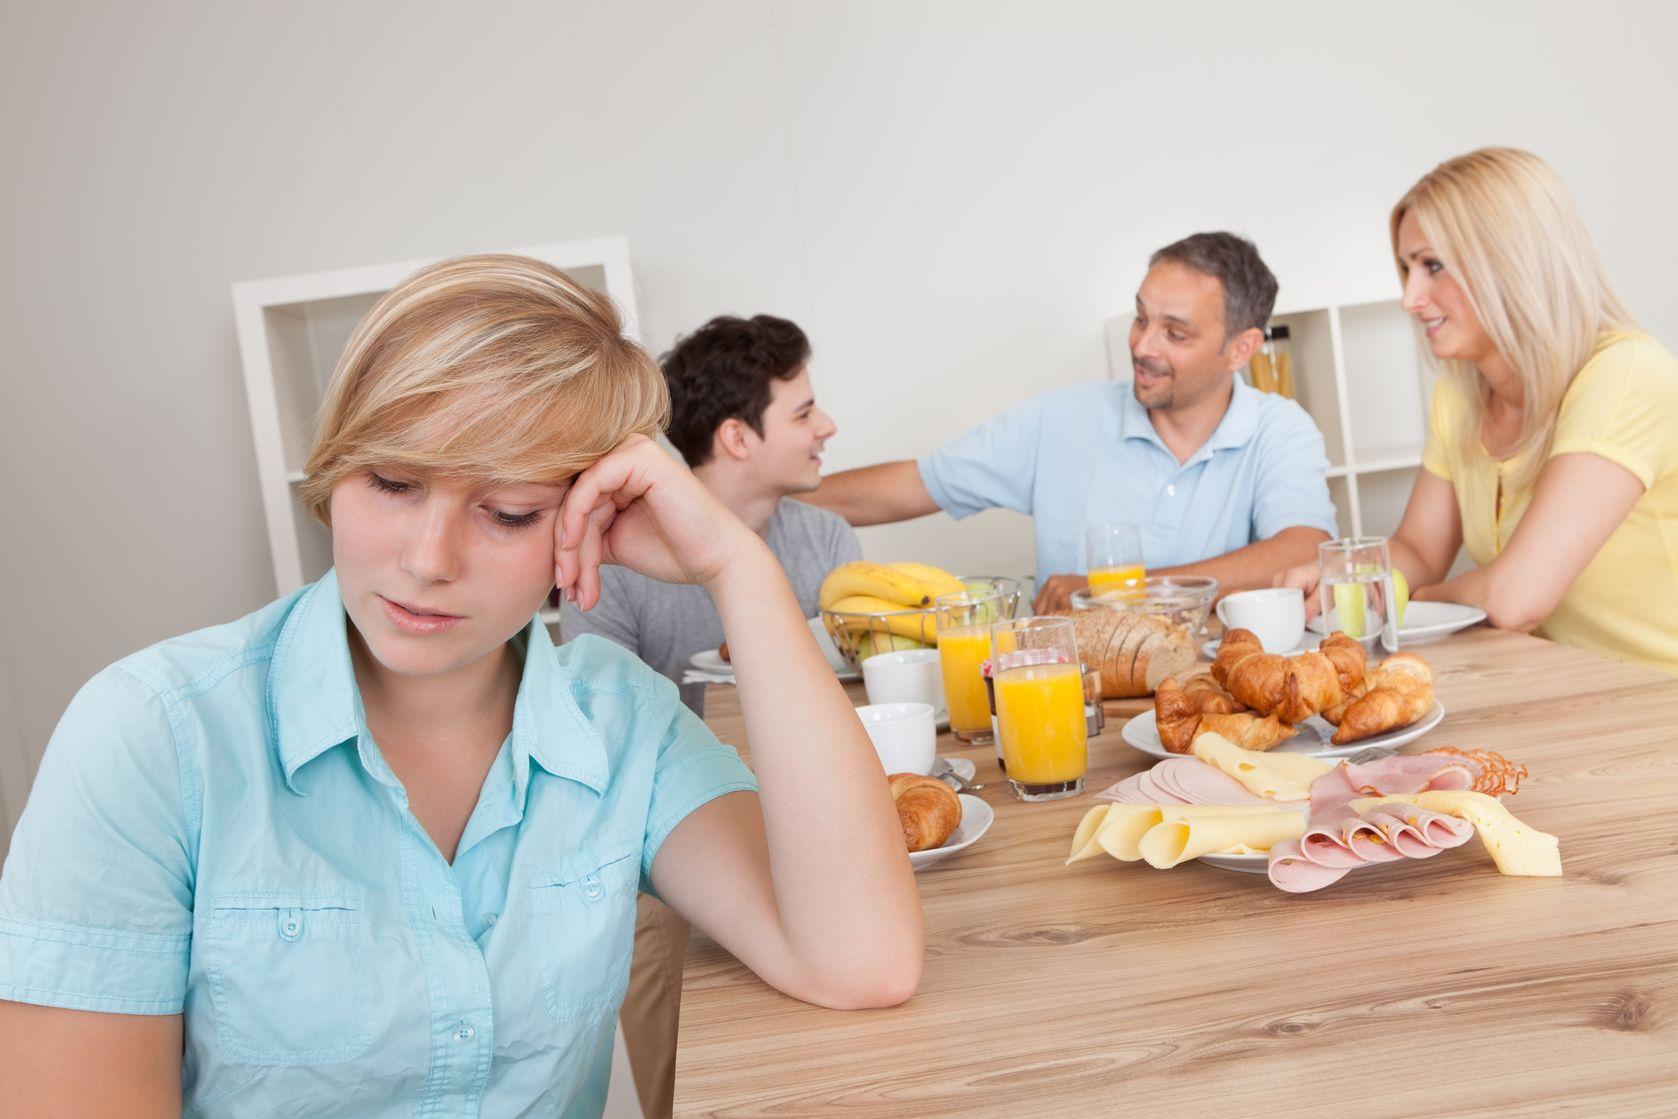 грустные картинки семьи